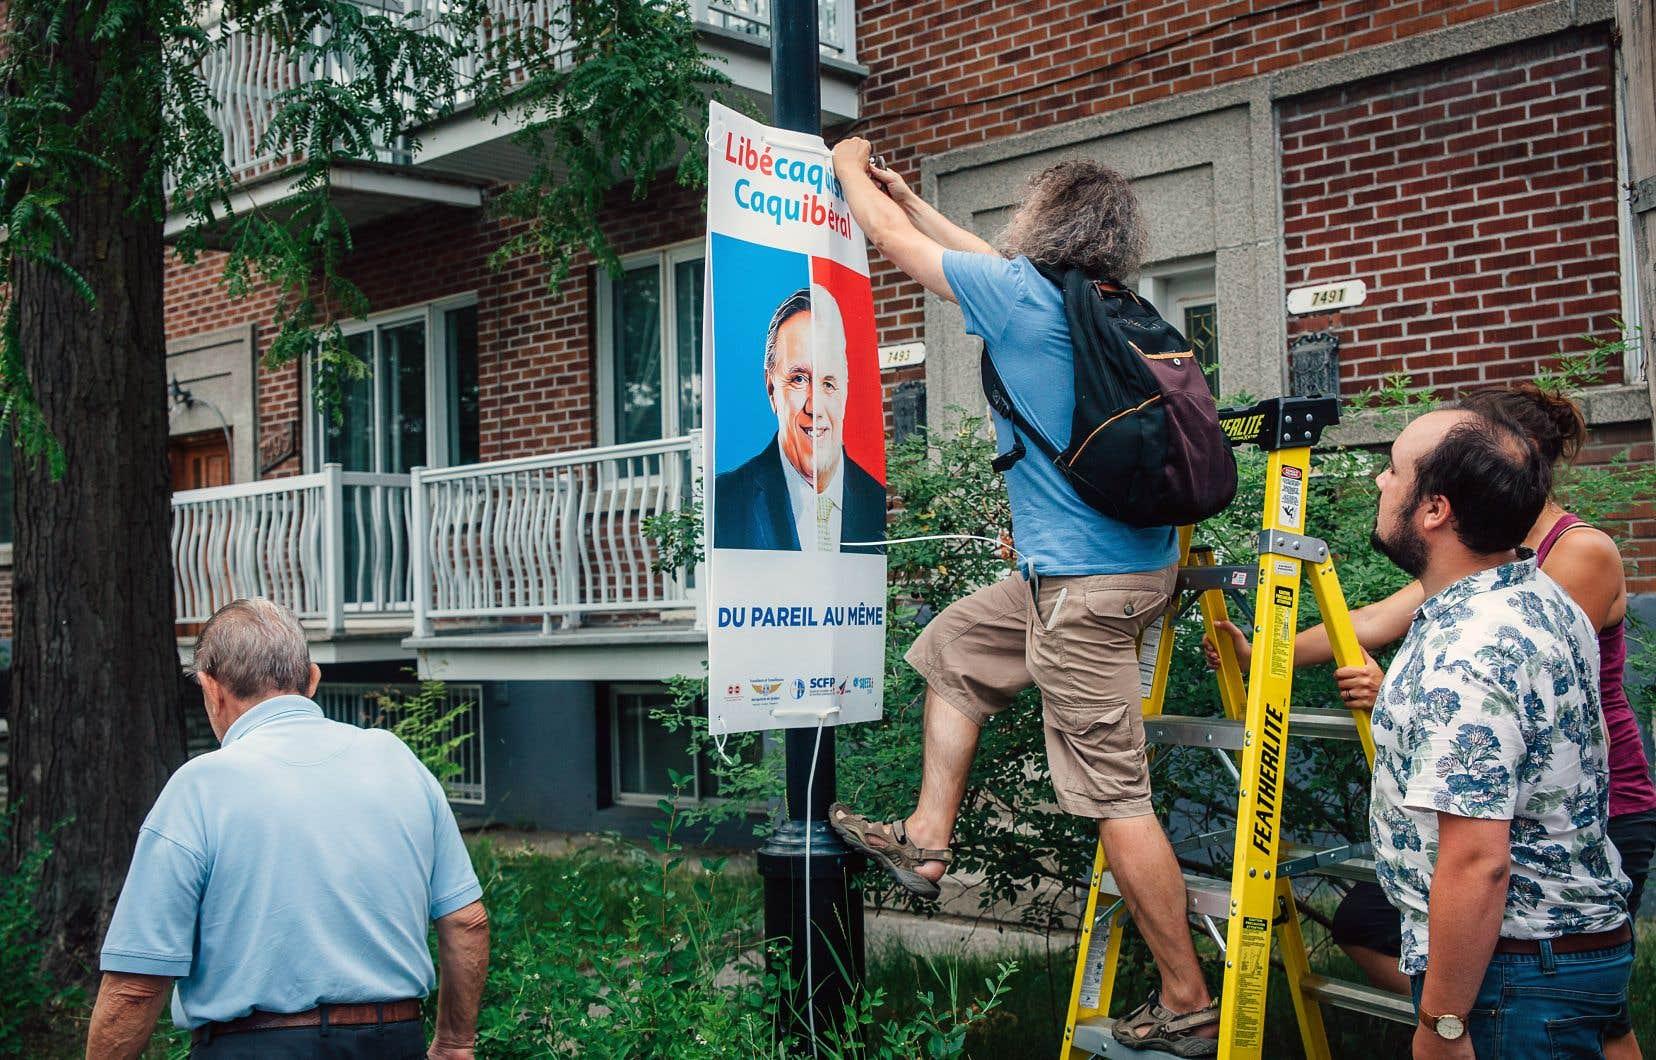 La coalition syndicale a procédé à l'installation des affiches en question à Montréal également, à la fin du mois de juillet.